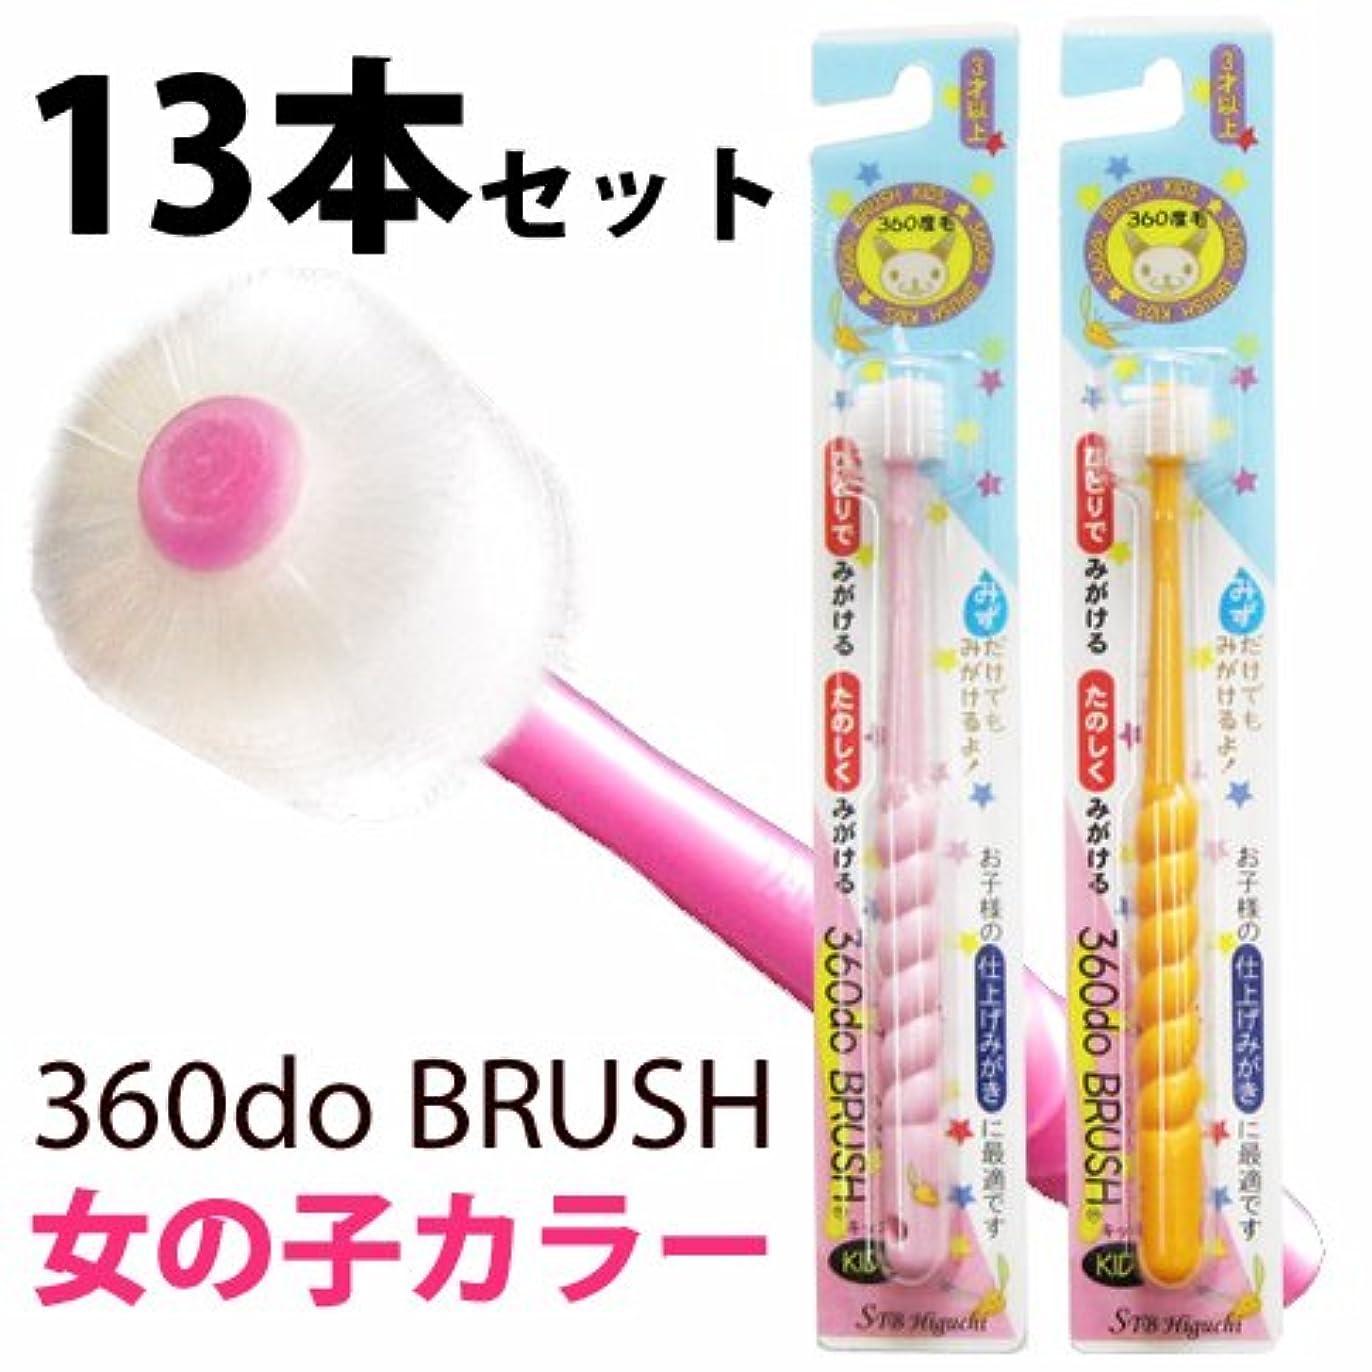 安らぎフォアマン北360do BRUSH 360度歯ブラシ キッズ 女の子用 13本セット